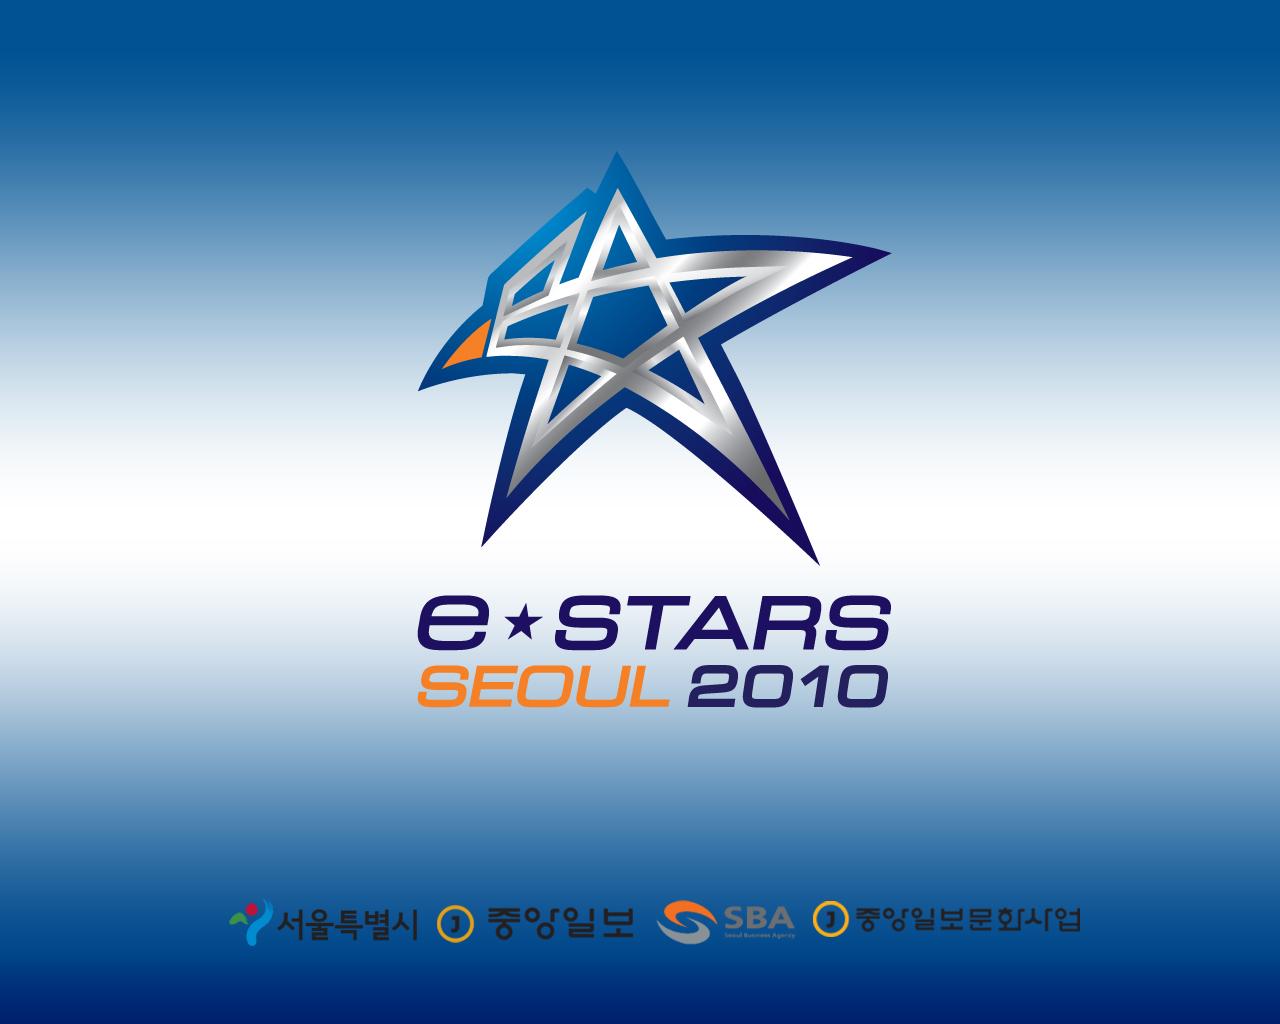 e_stars_logo.jpg